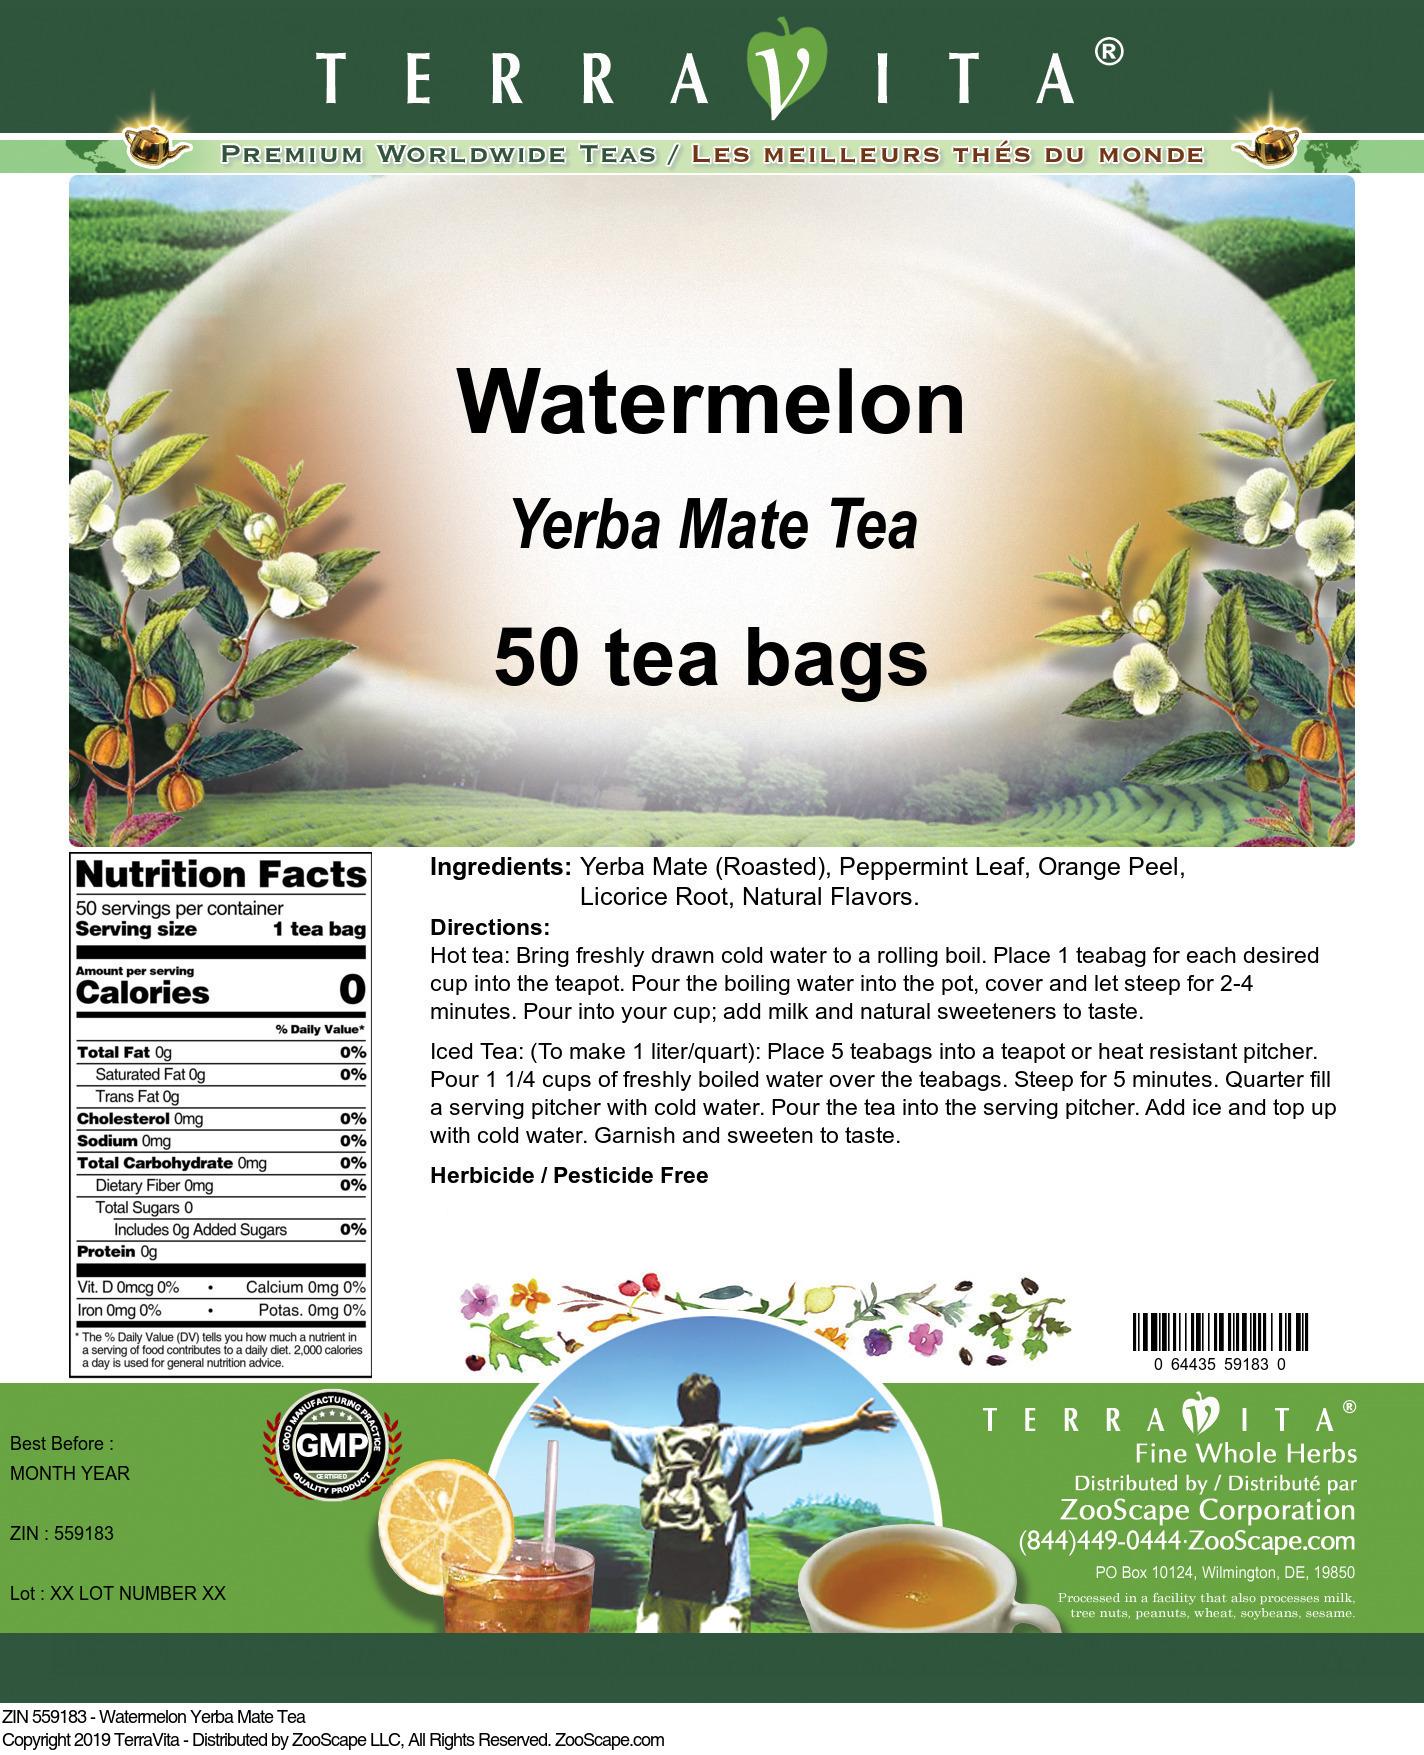 Watermelon Yerba Mate